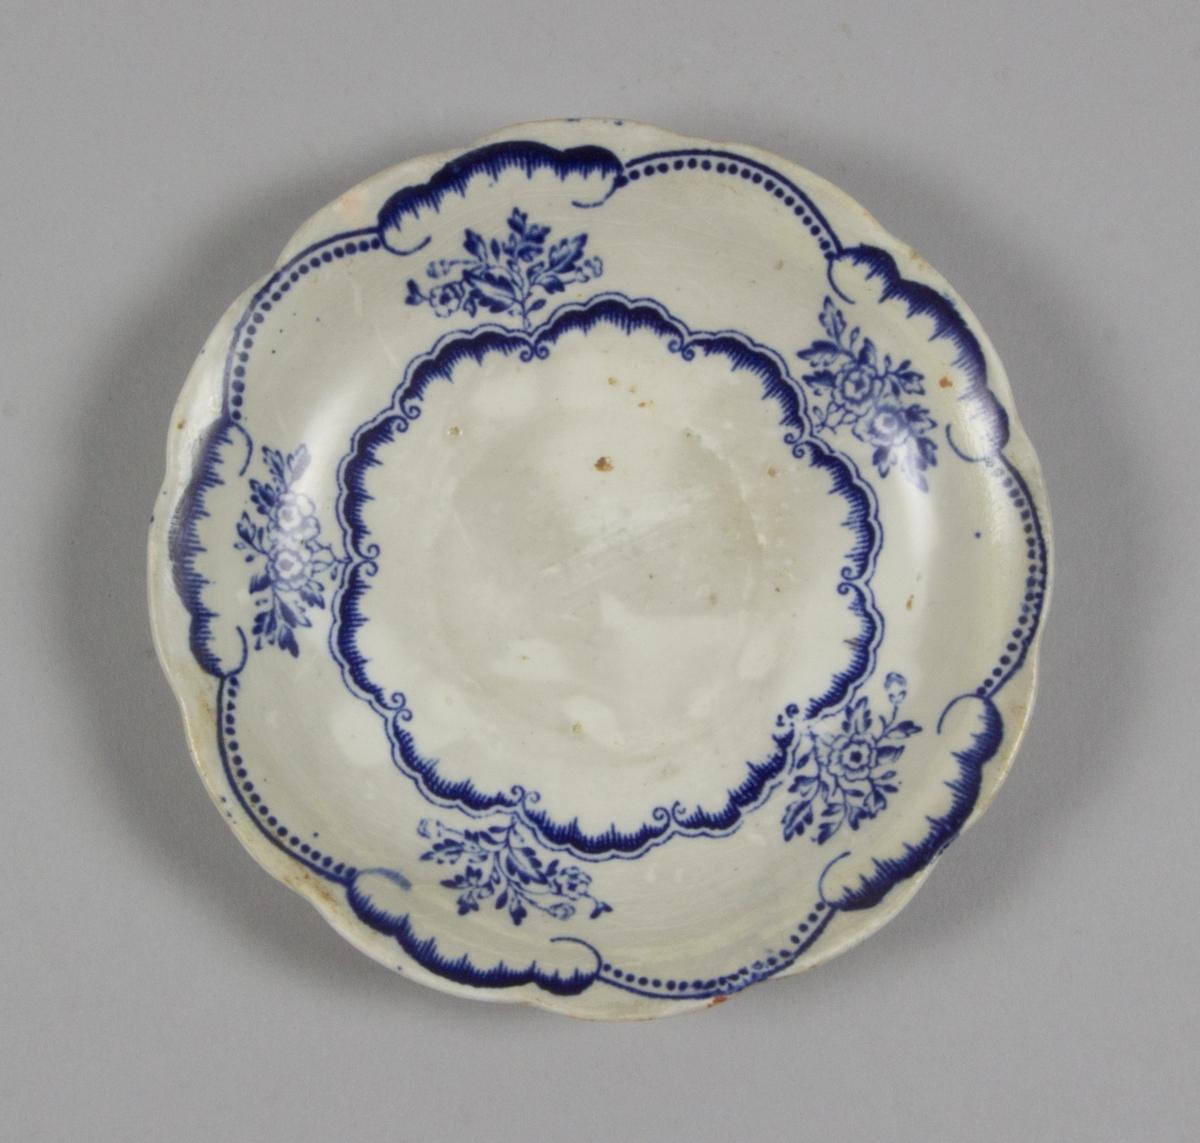 Tefat av flintgods med blå dekor av blommor, nyrokokostil.